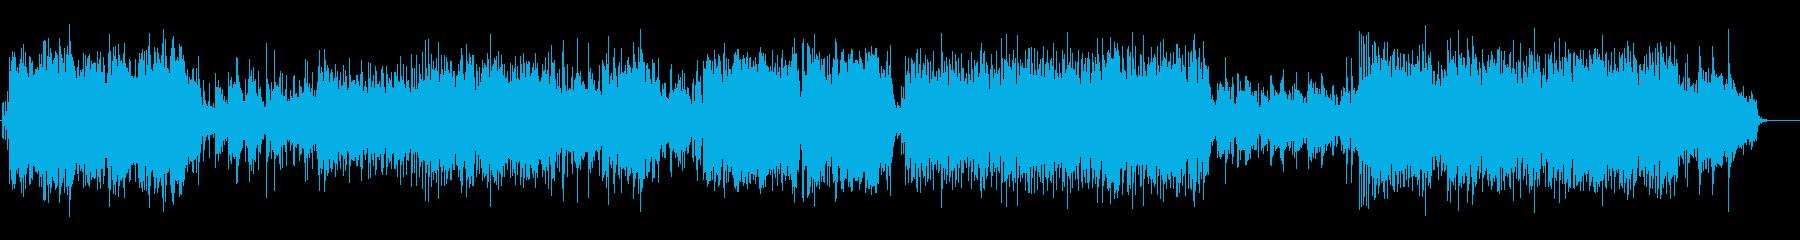 浮遊感とエネルギーのマイナーフュージョンの再生済みの波形